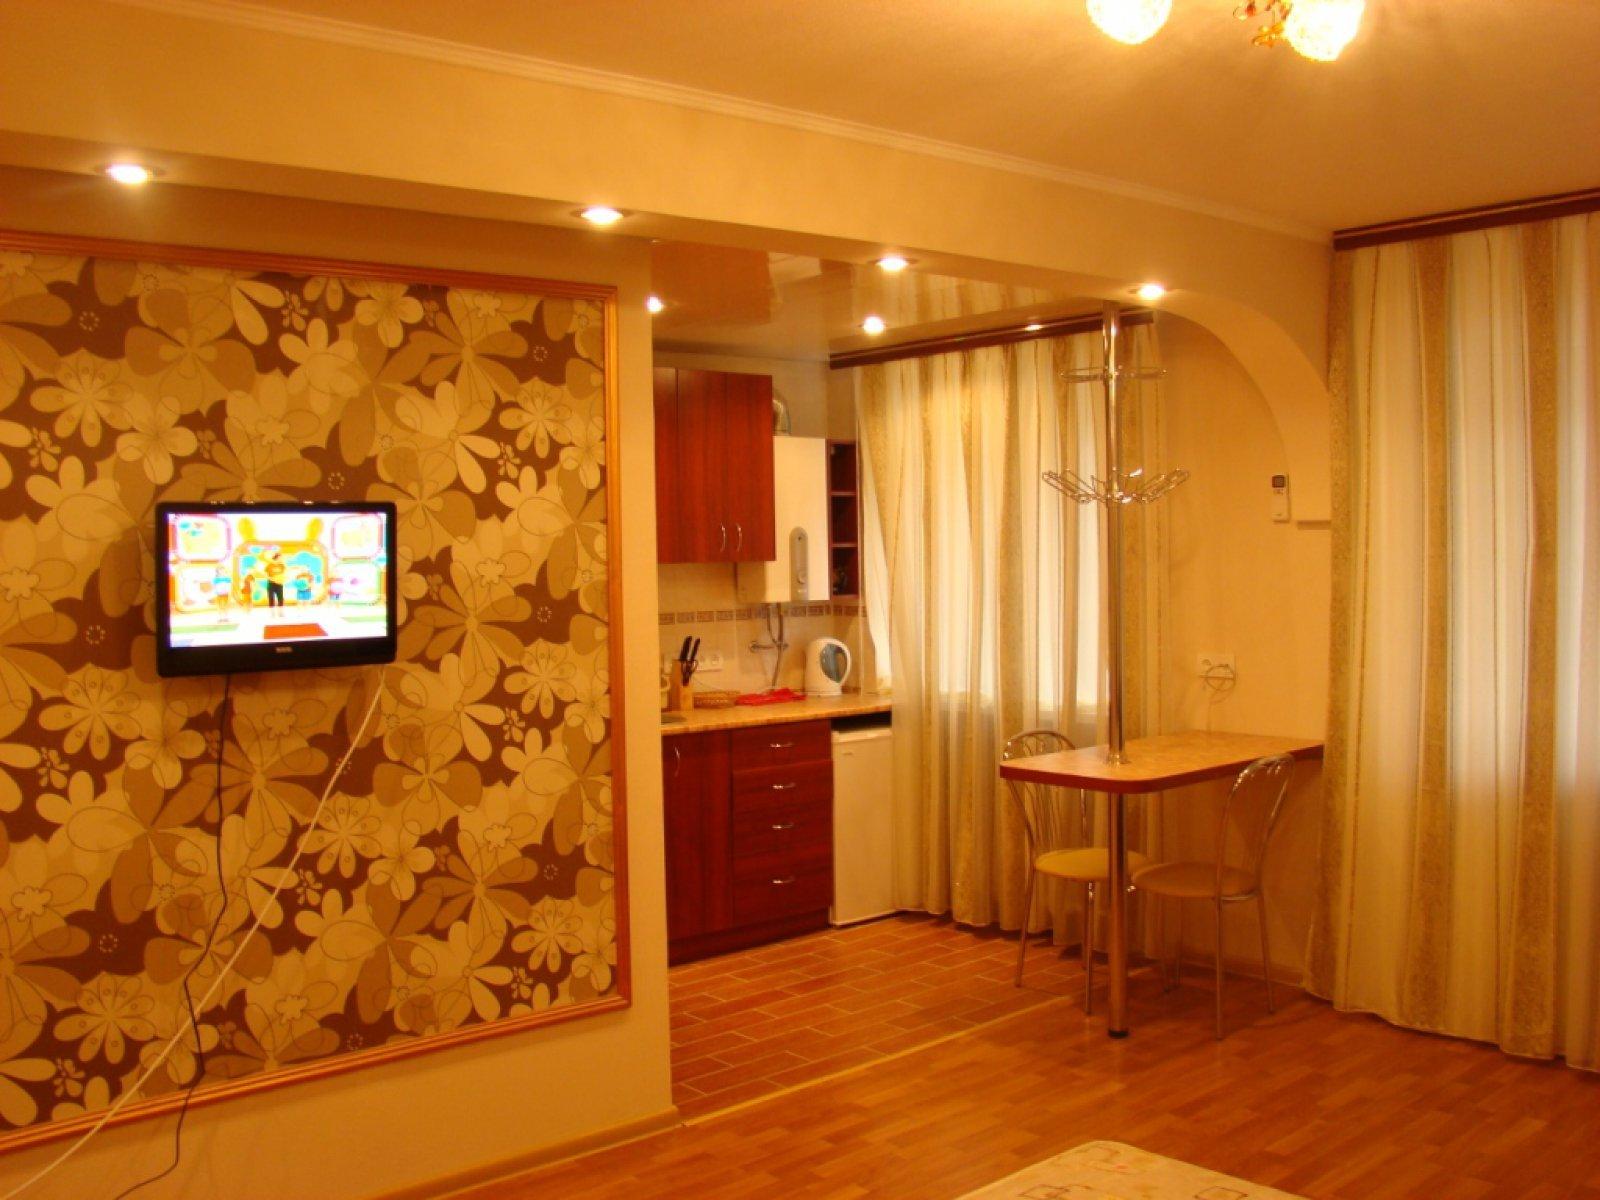 Как сделать ремонт дешево и красиво в однокомнатной квартире